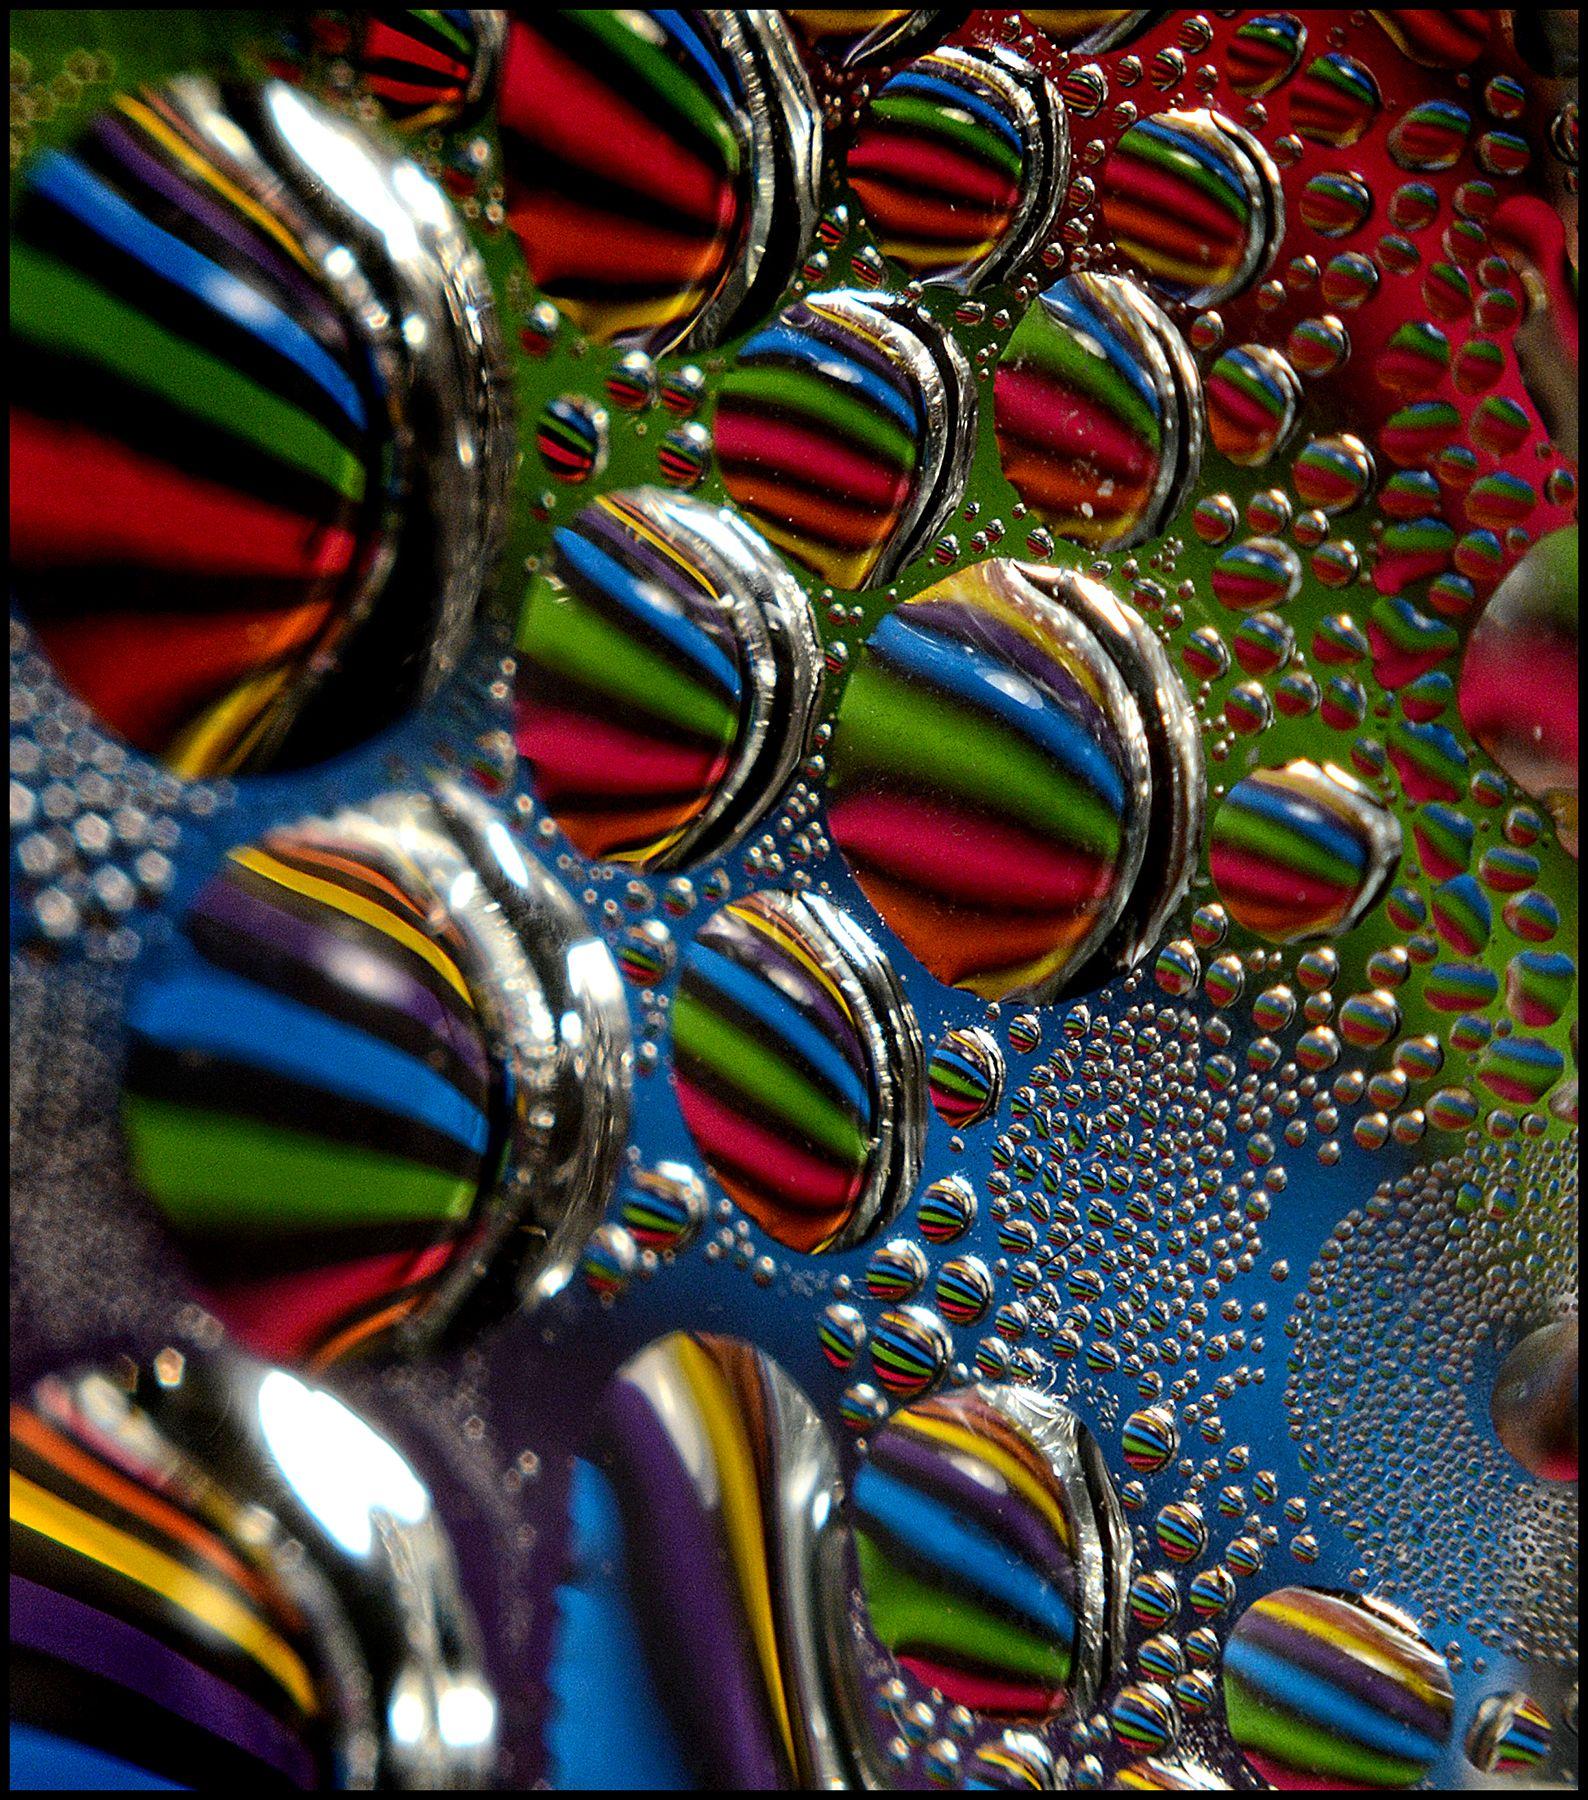 So many stripes! So many drops!